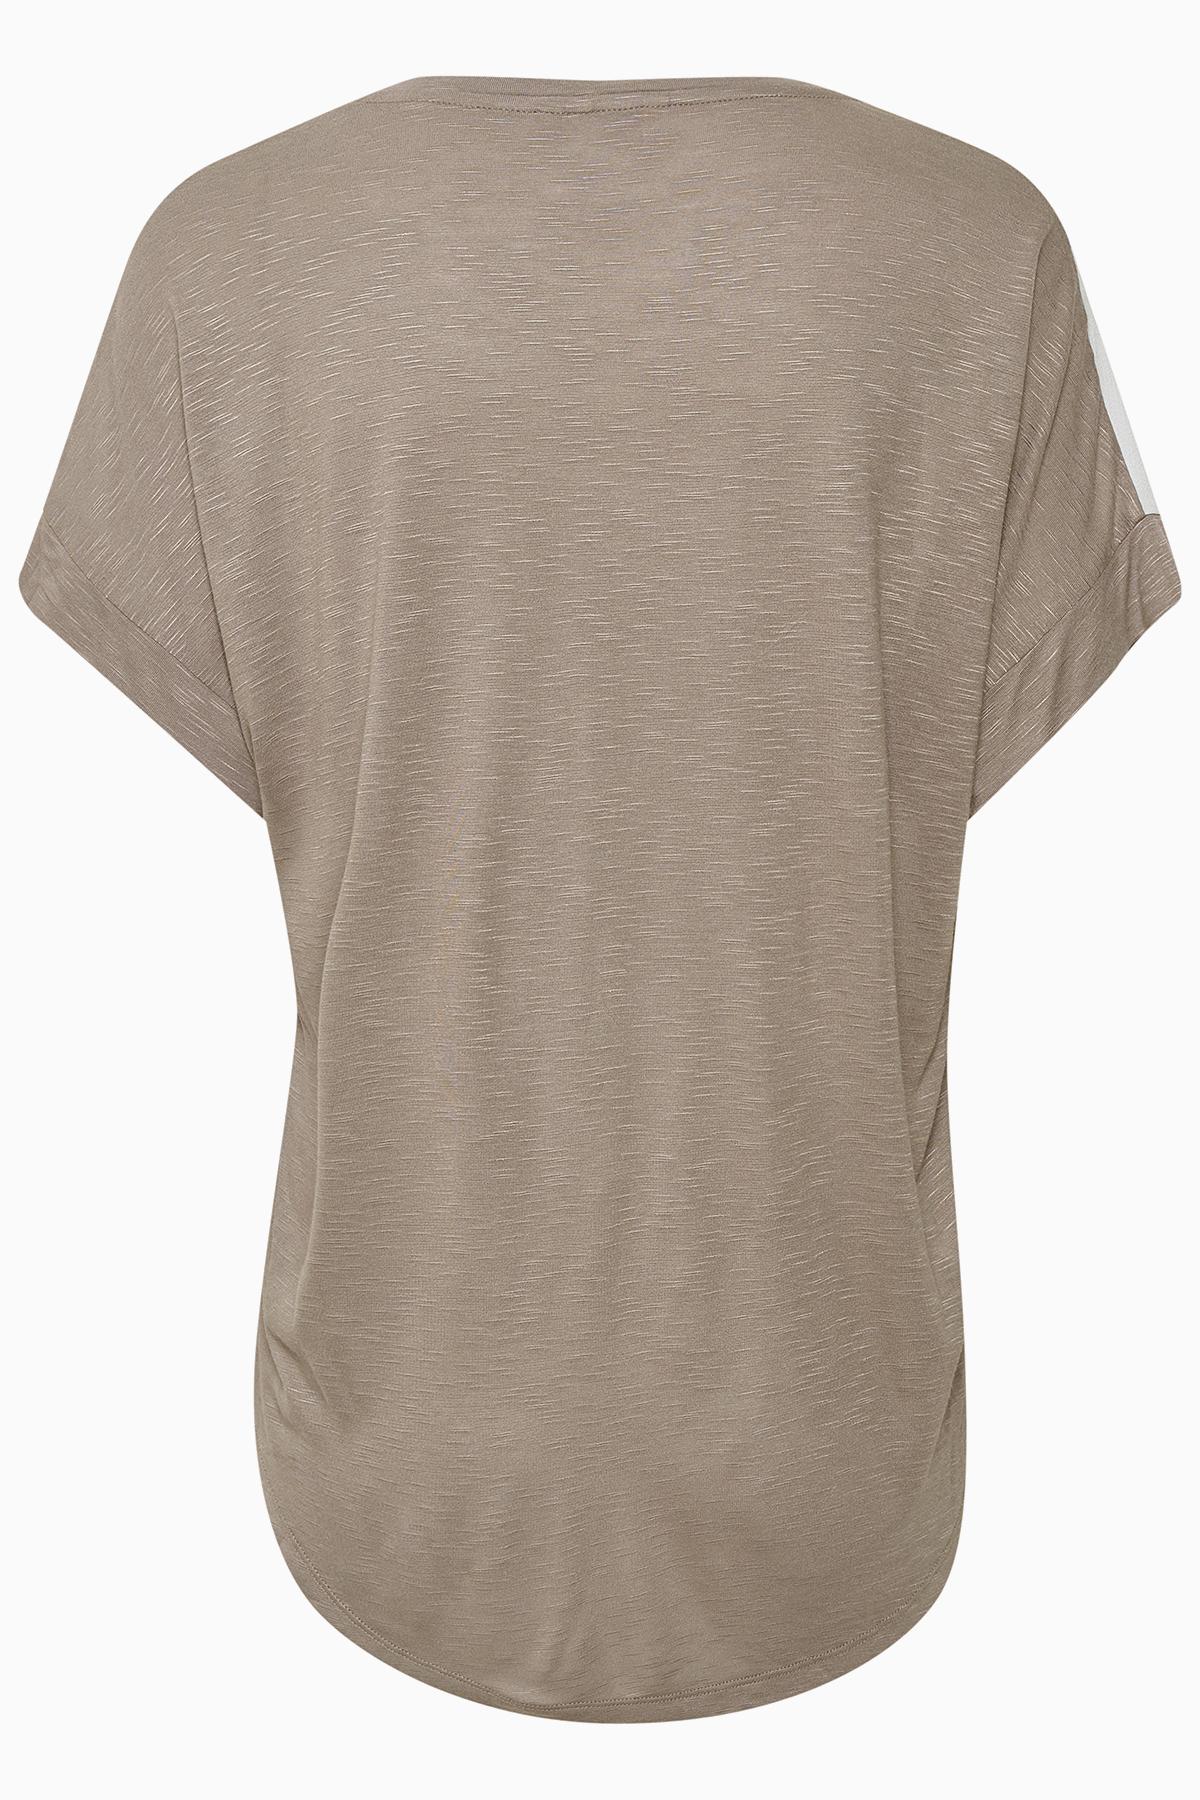 Off-white/sand Kortærmet bluse fra Bon'A Parte – Køb Off-white/sand Kortærmet bluse fra str. S-2XL her